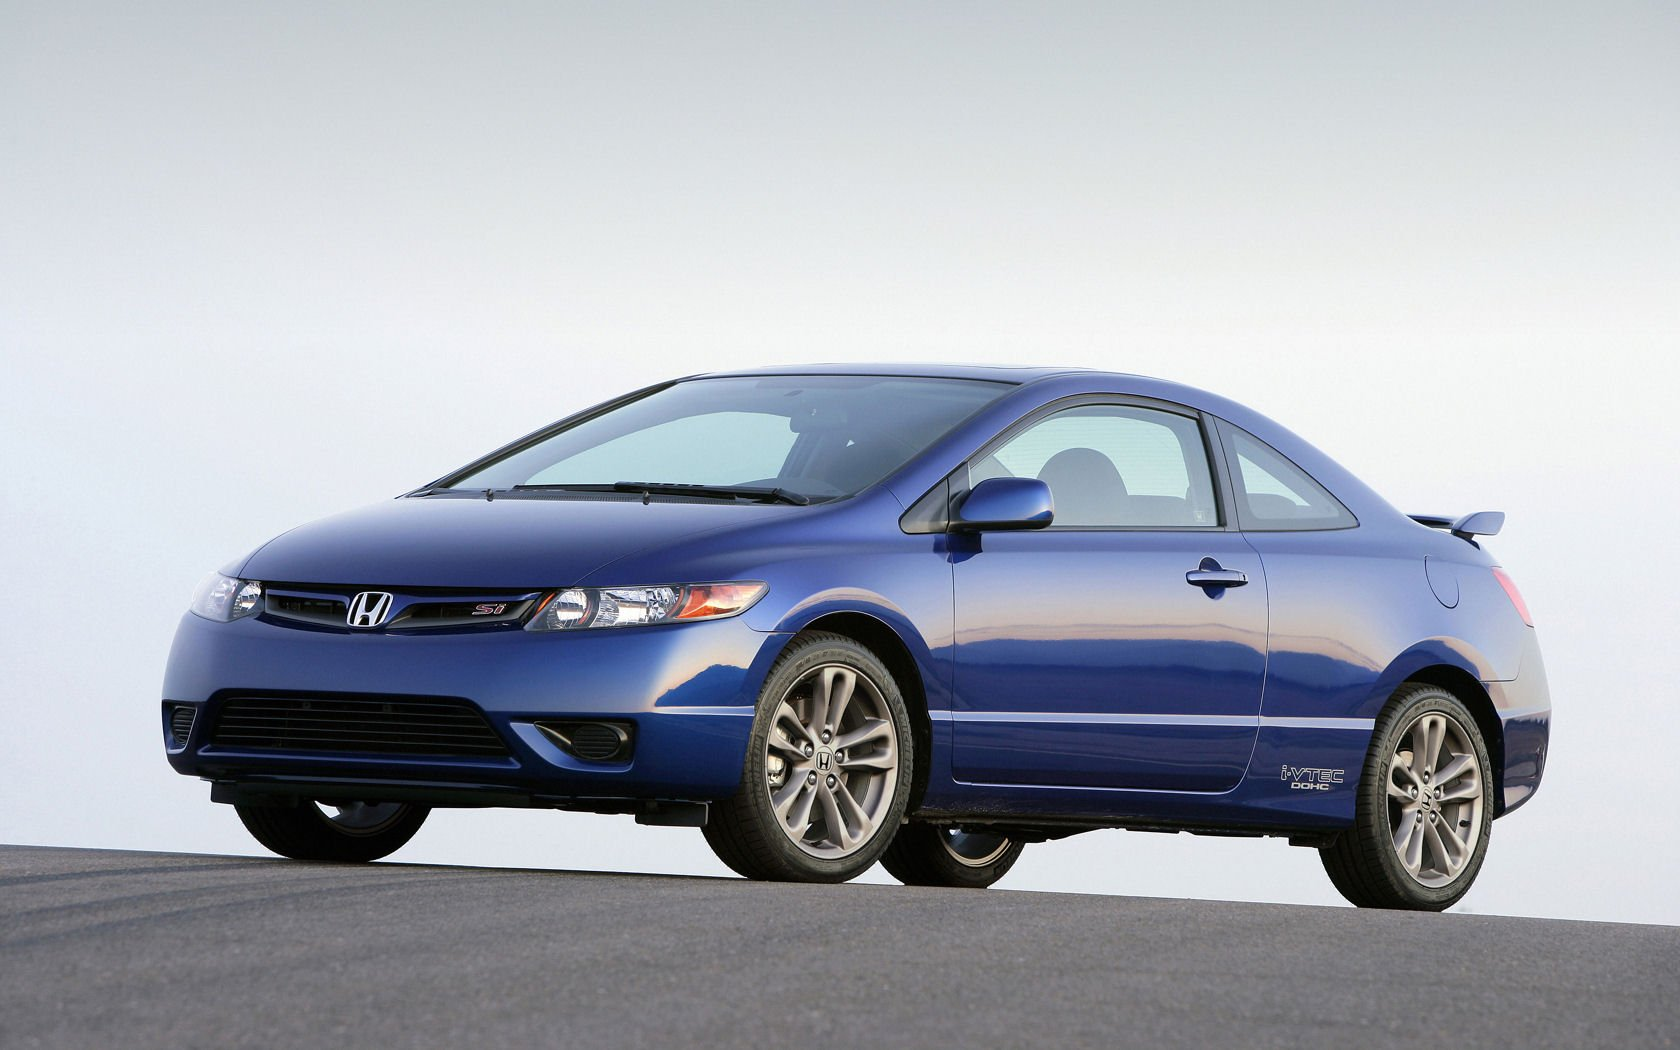 Honda Civic Wallpapers